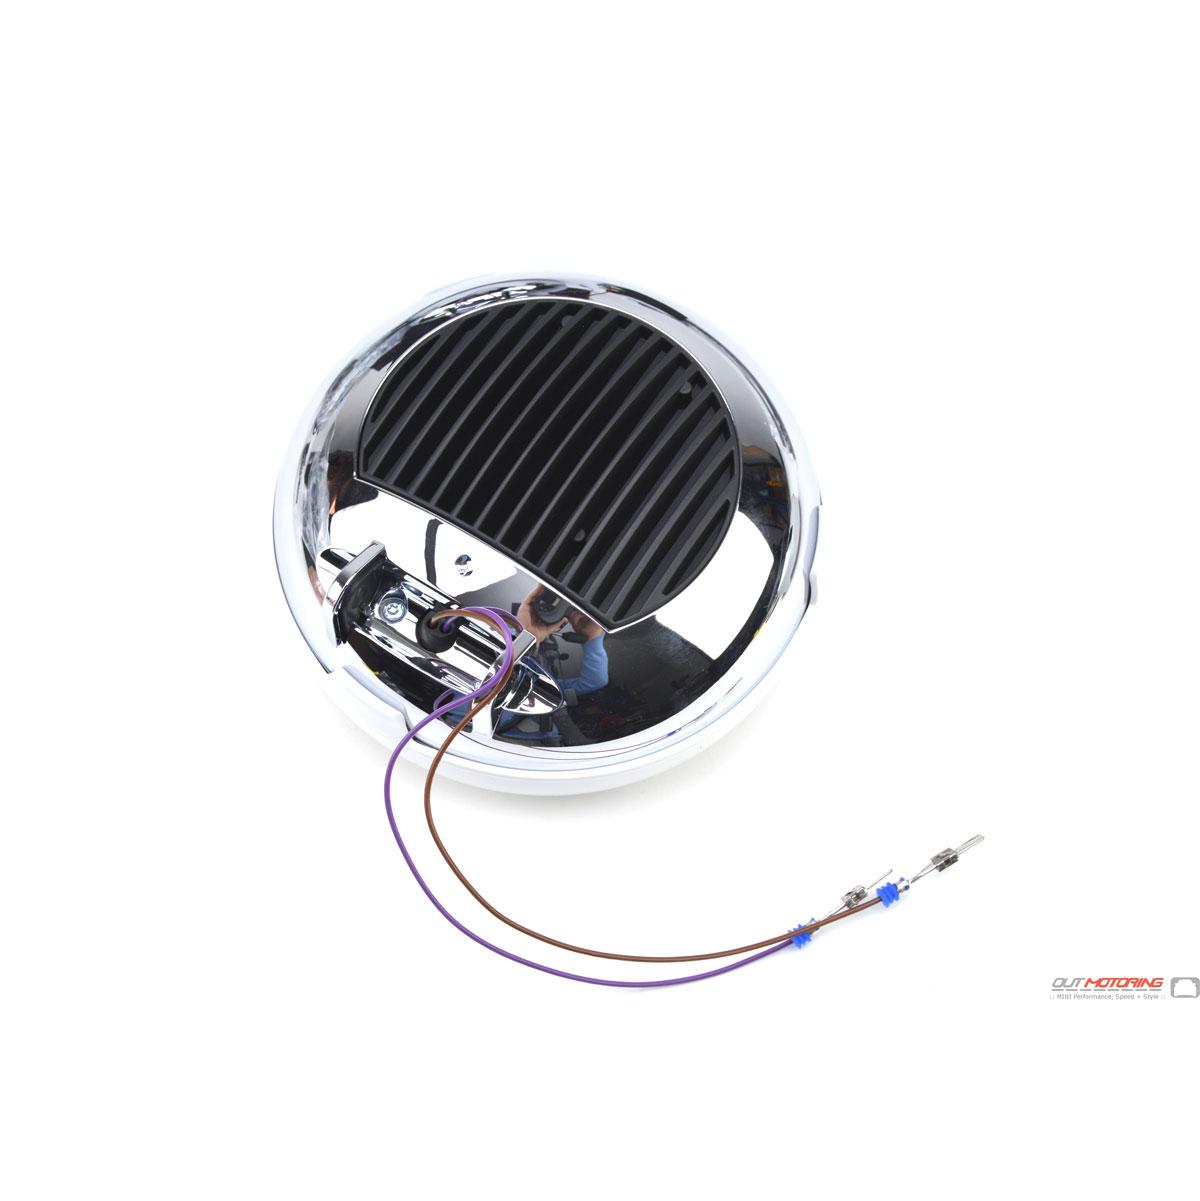 Mini Cooper Replacement Parts Retrofit Light